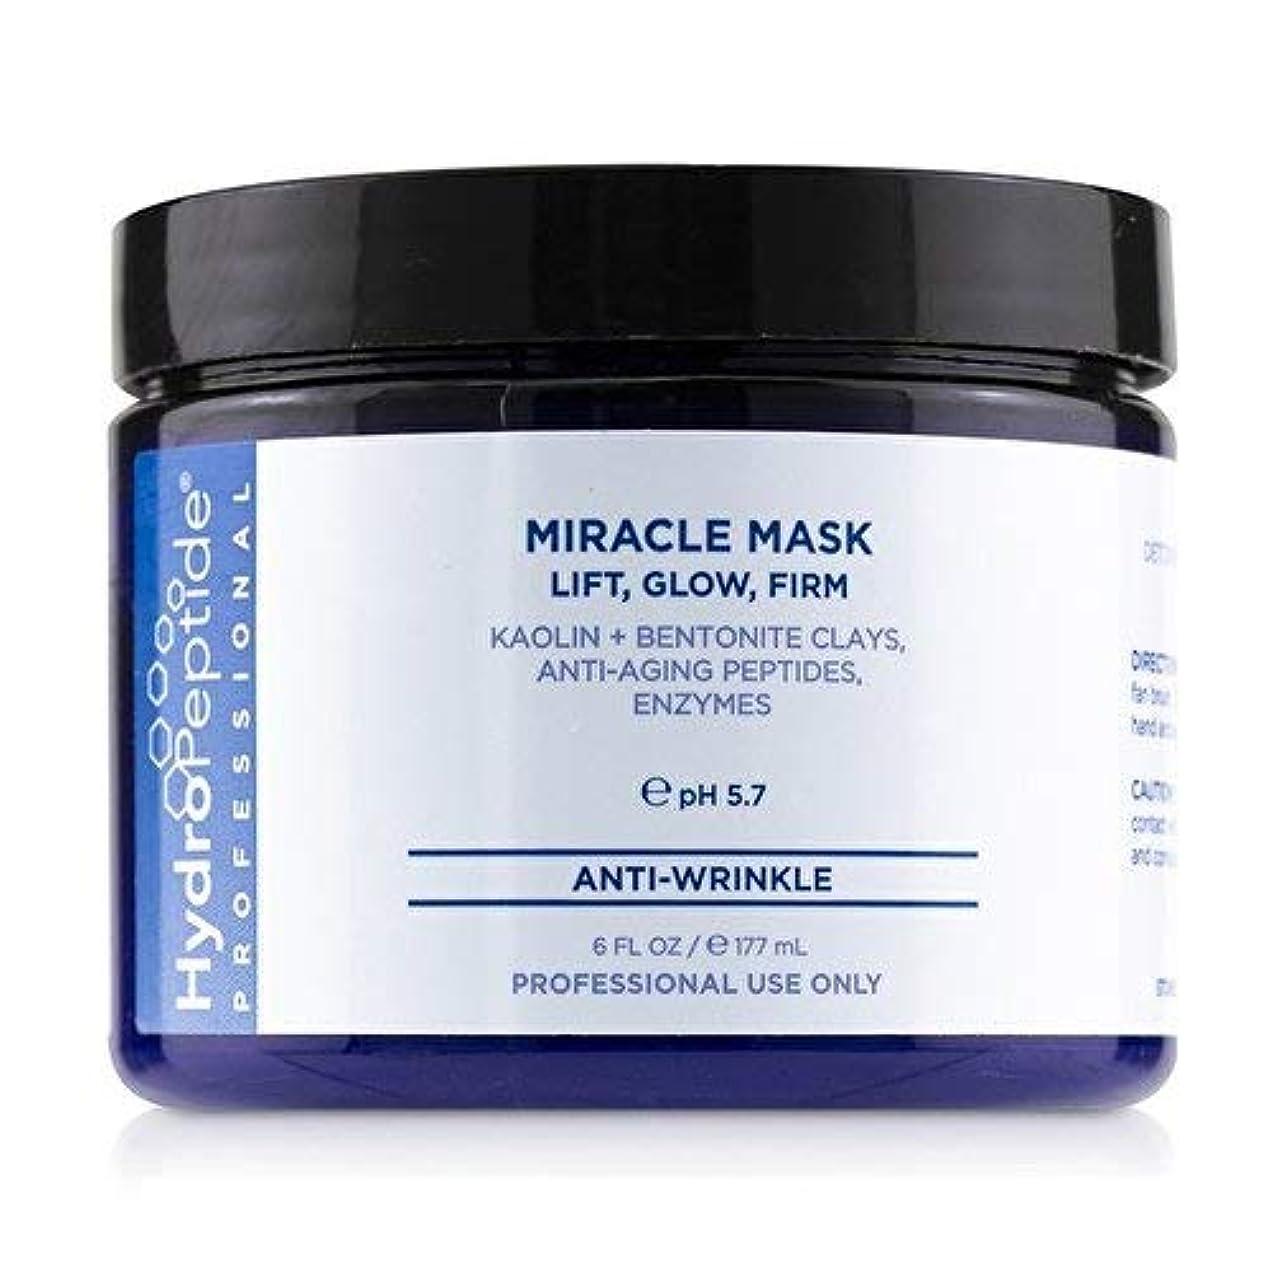 言うまでもなく毎週不愉快にハイドロペプチド Miracle Mask - Lift, Glow, Firm (pH 5.7) (Salon Size) 177ml/6oz並行輸入品